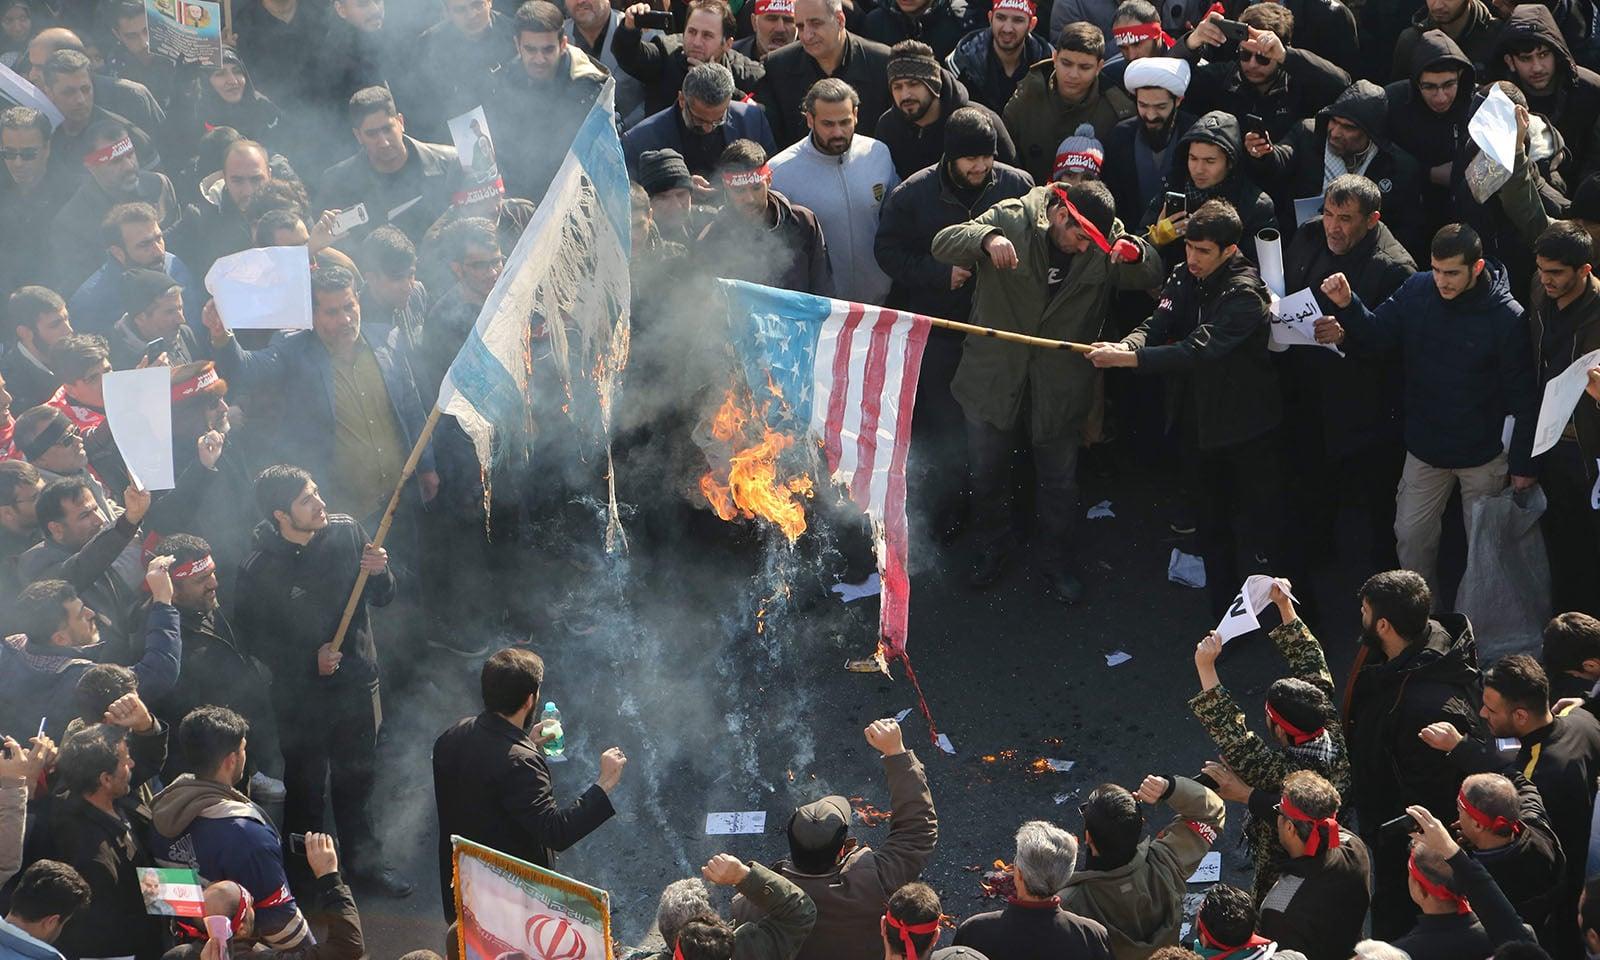 ایرانی عوام نے اسرائیل اور امریکا کے خلاف شدید غم و غصے کا اظہار کرتے ہوئے دونوں ممالک کے پرچم بھی نذر آتش کیے — فوٹو: اے ایف پی